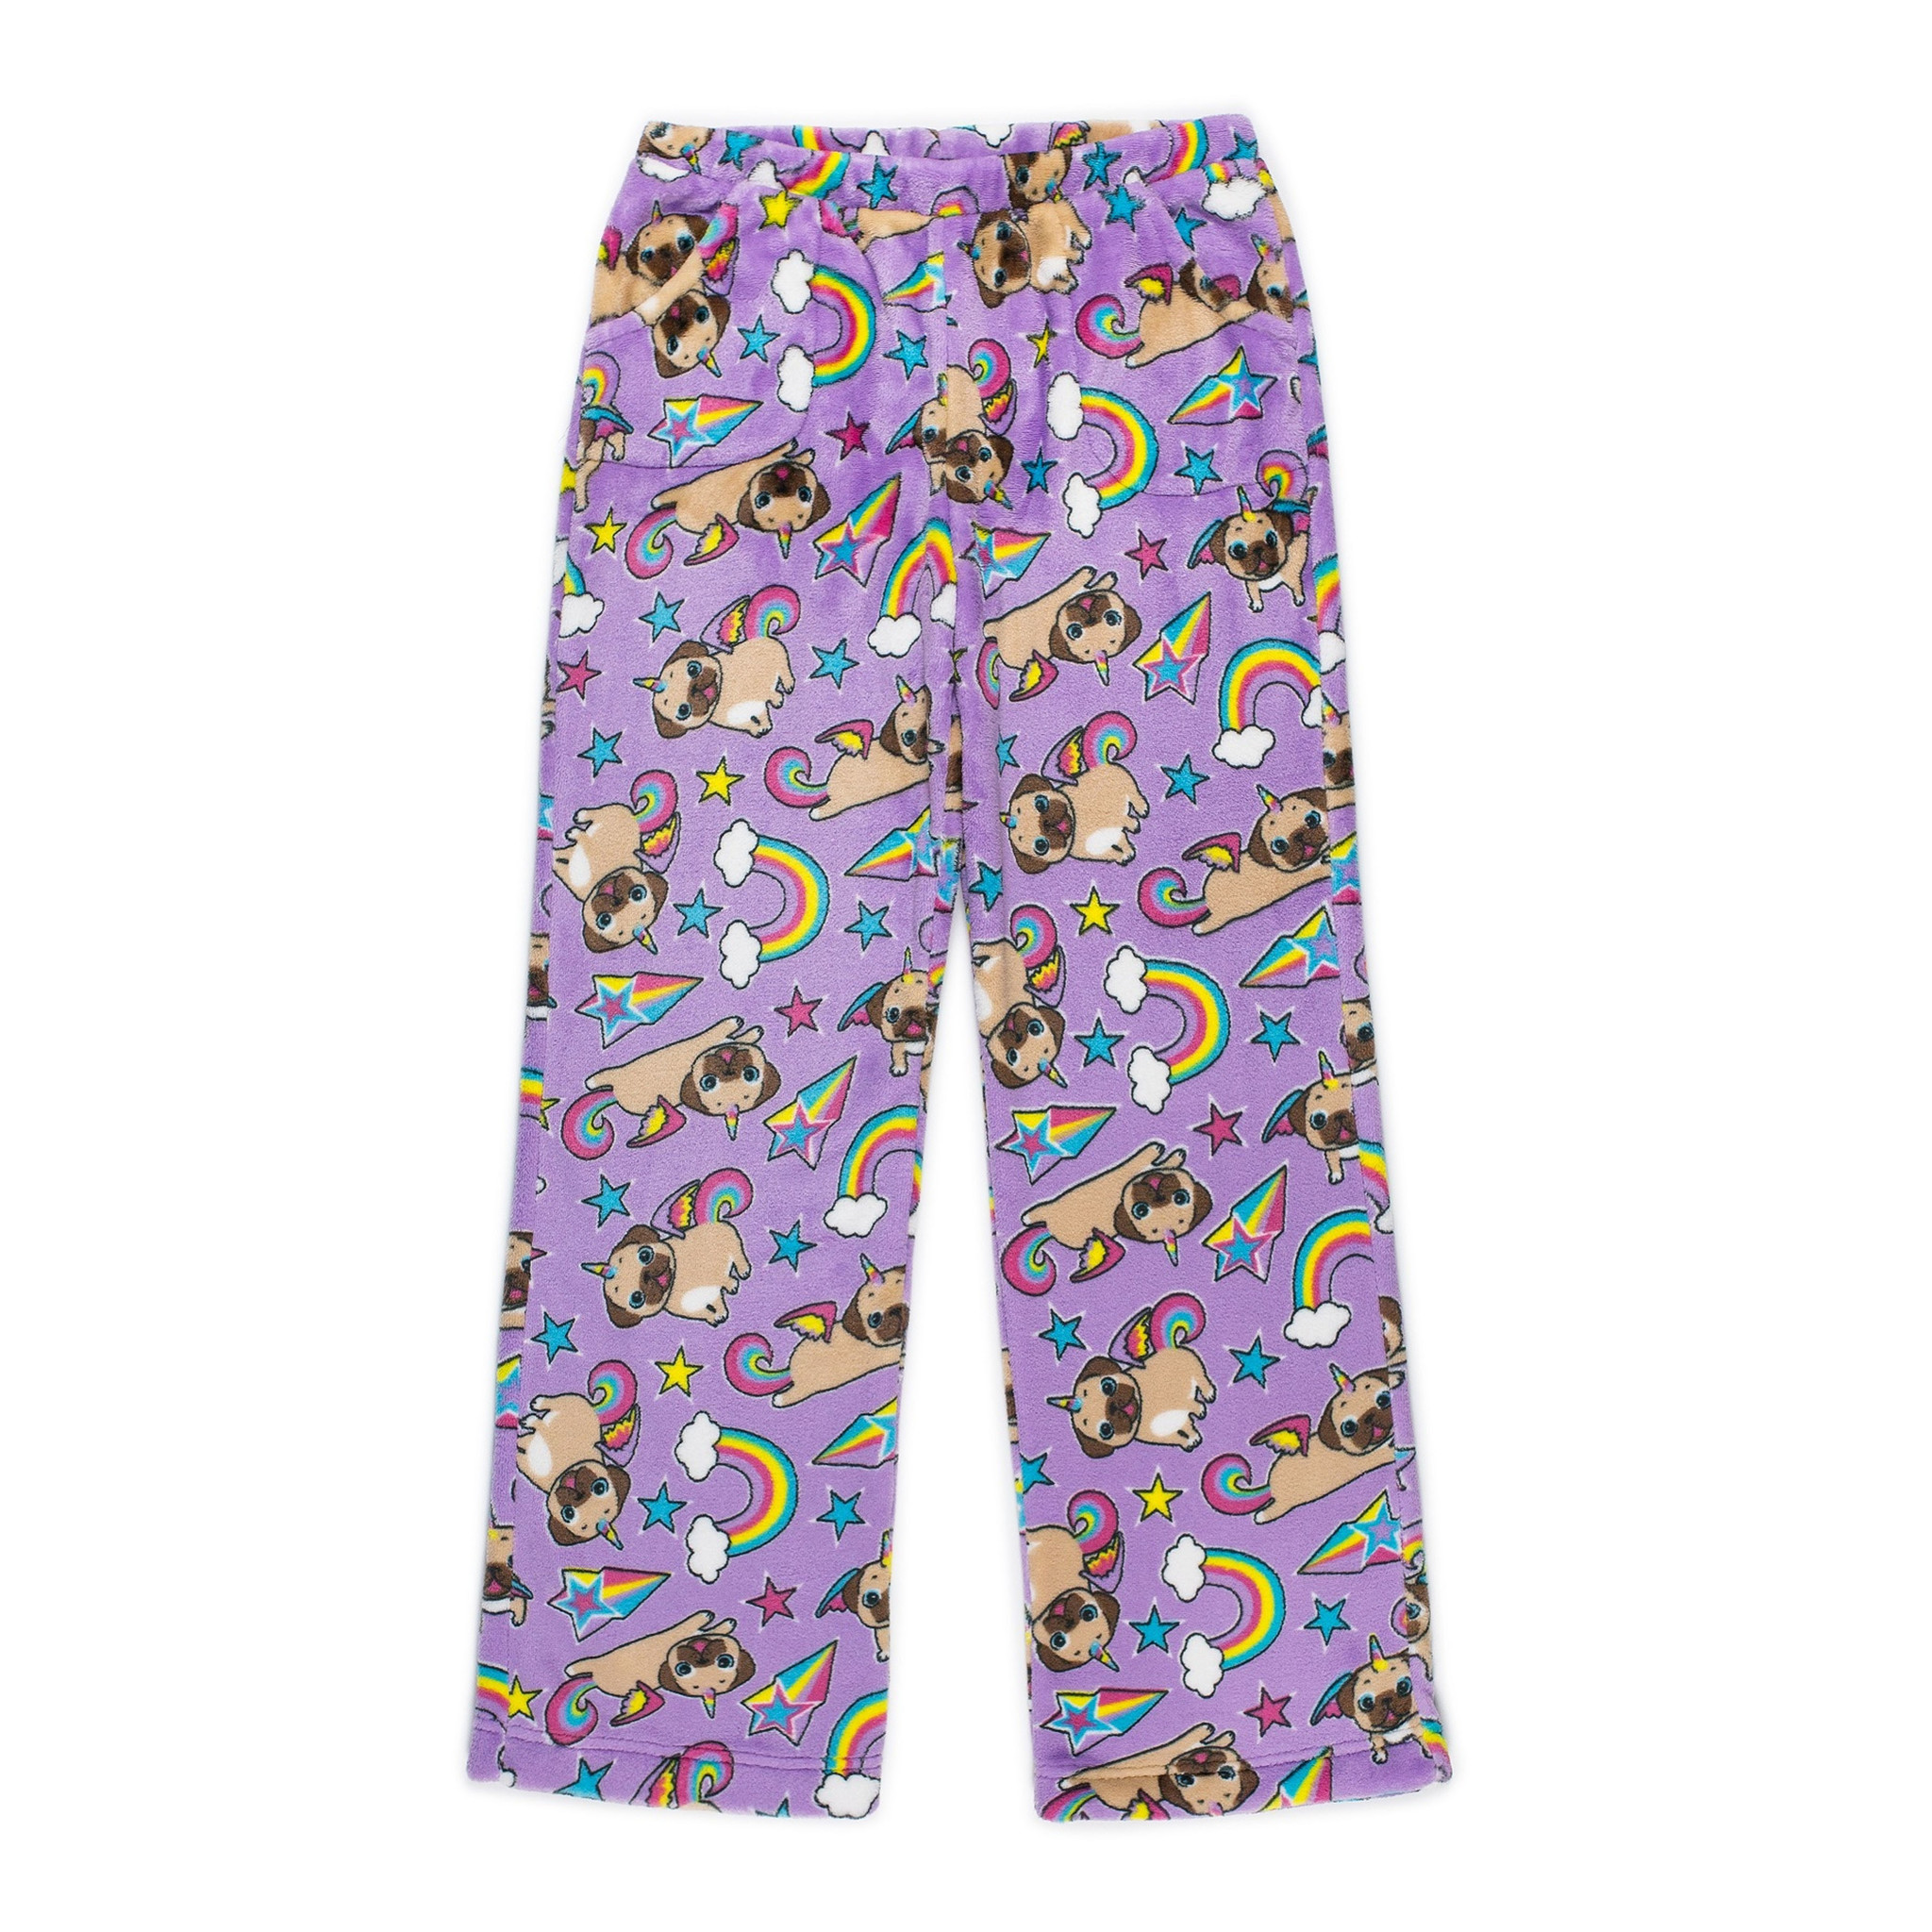 Candy Pink Pugicorn Plush Lounge Pants